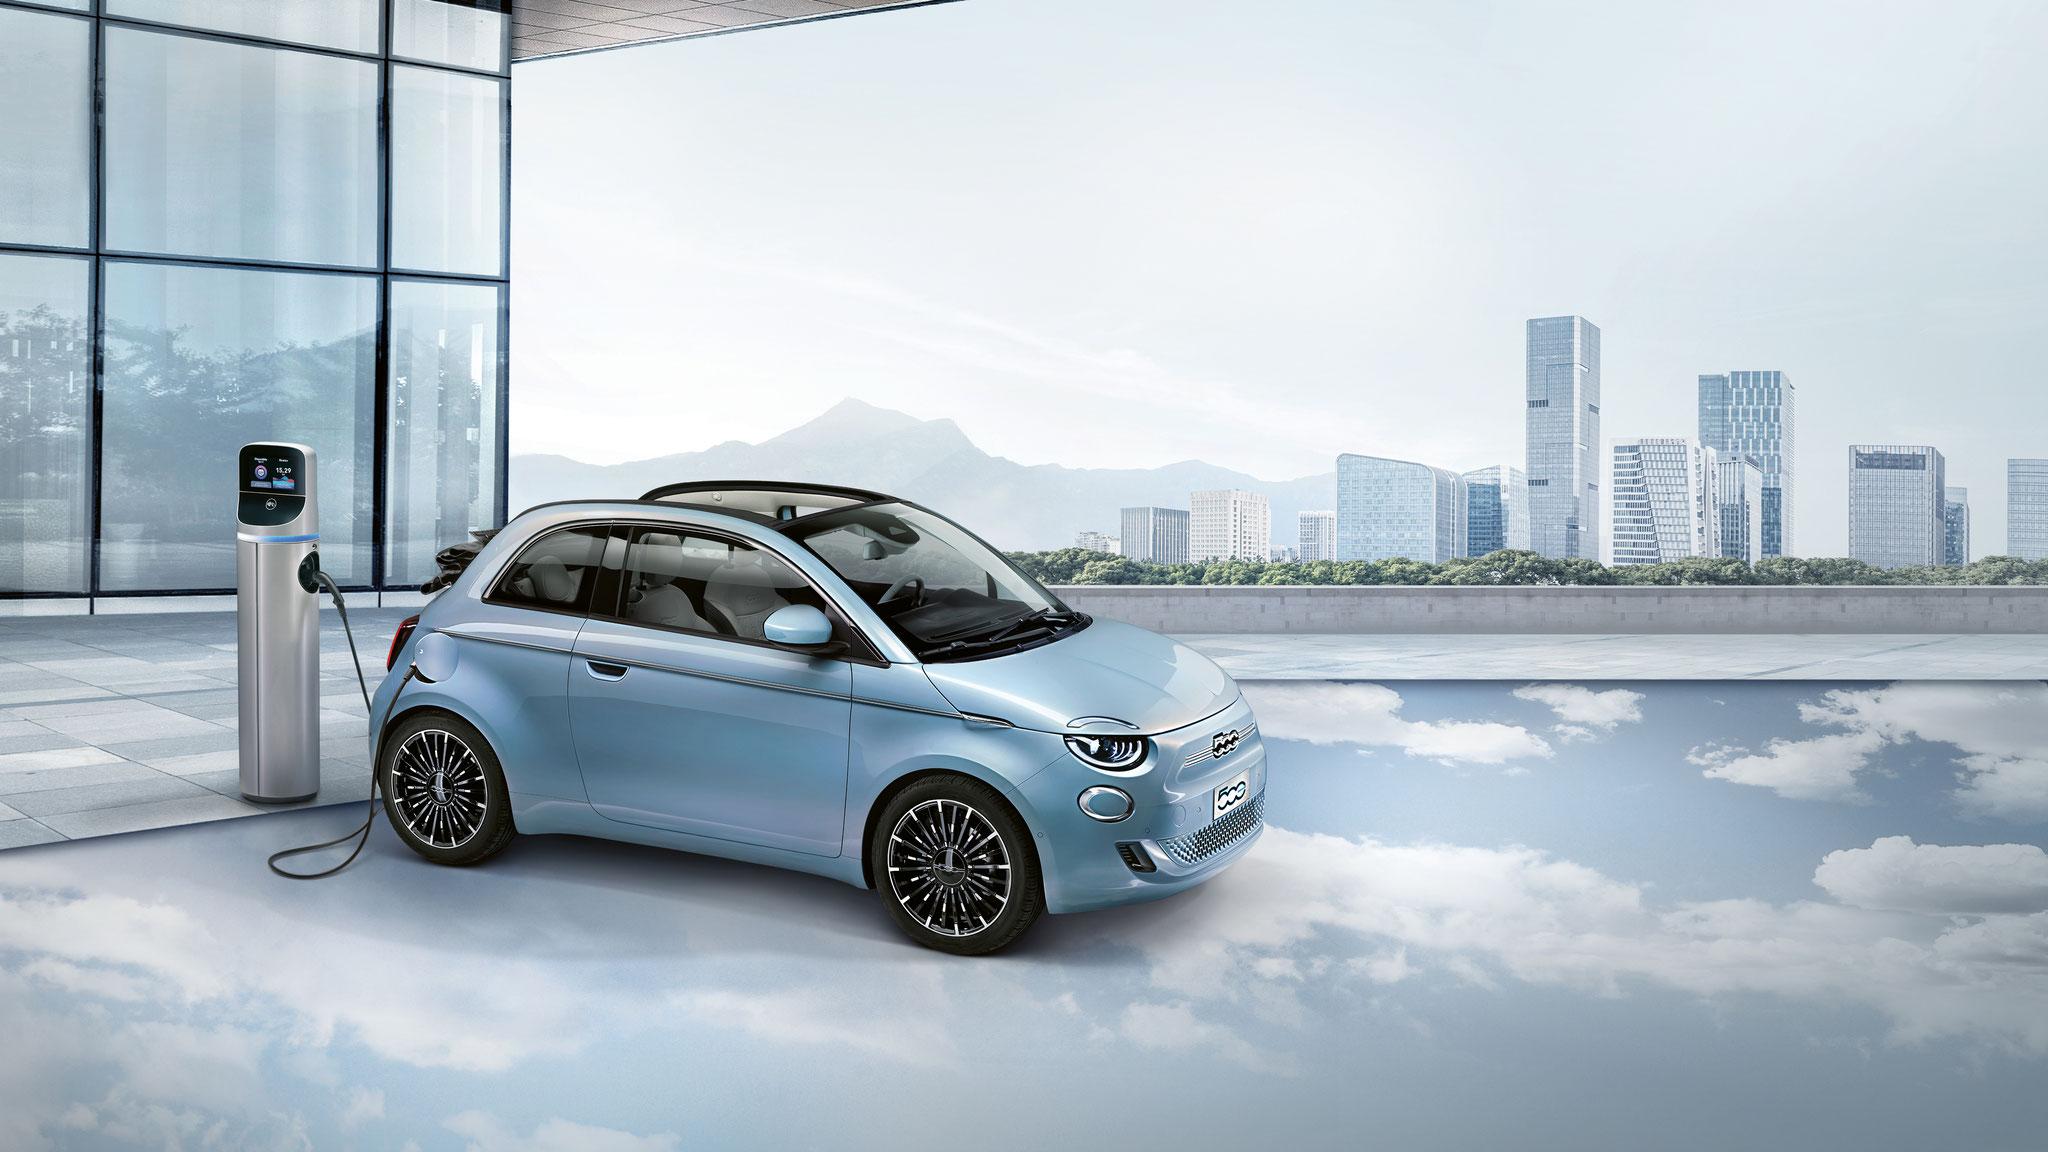 Der neue Fiat 500 voll elektrisch: Jetzt Termin vereinbaren!